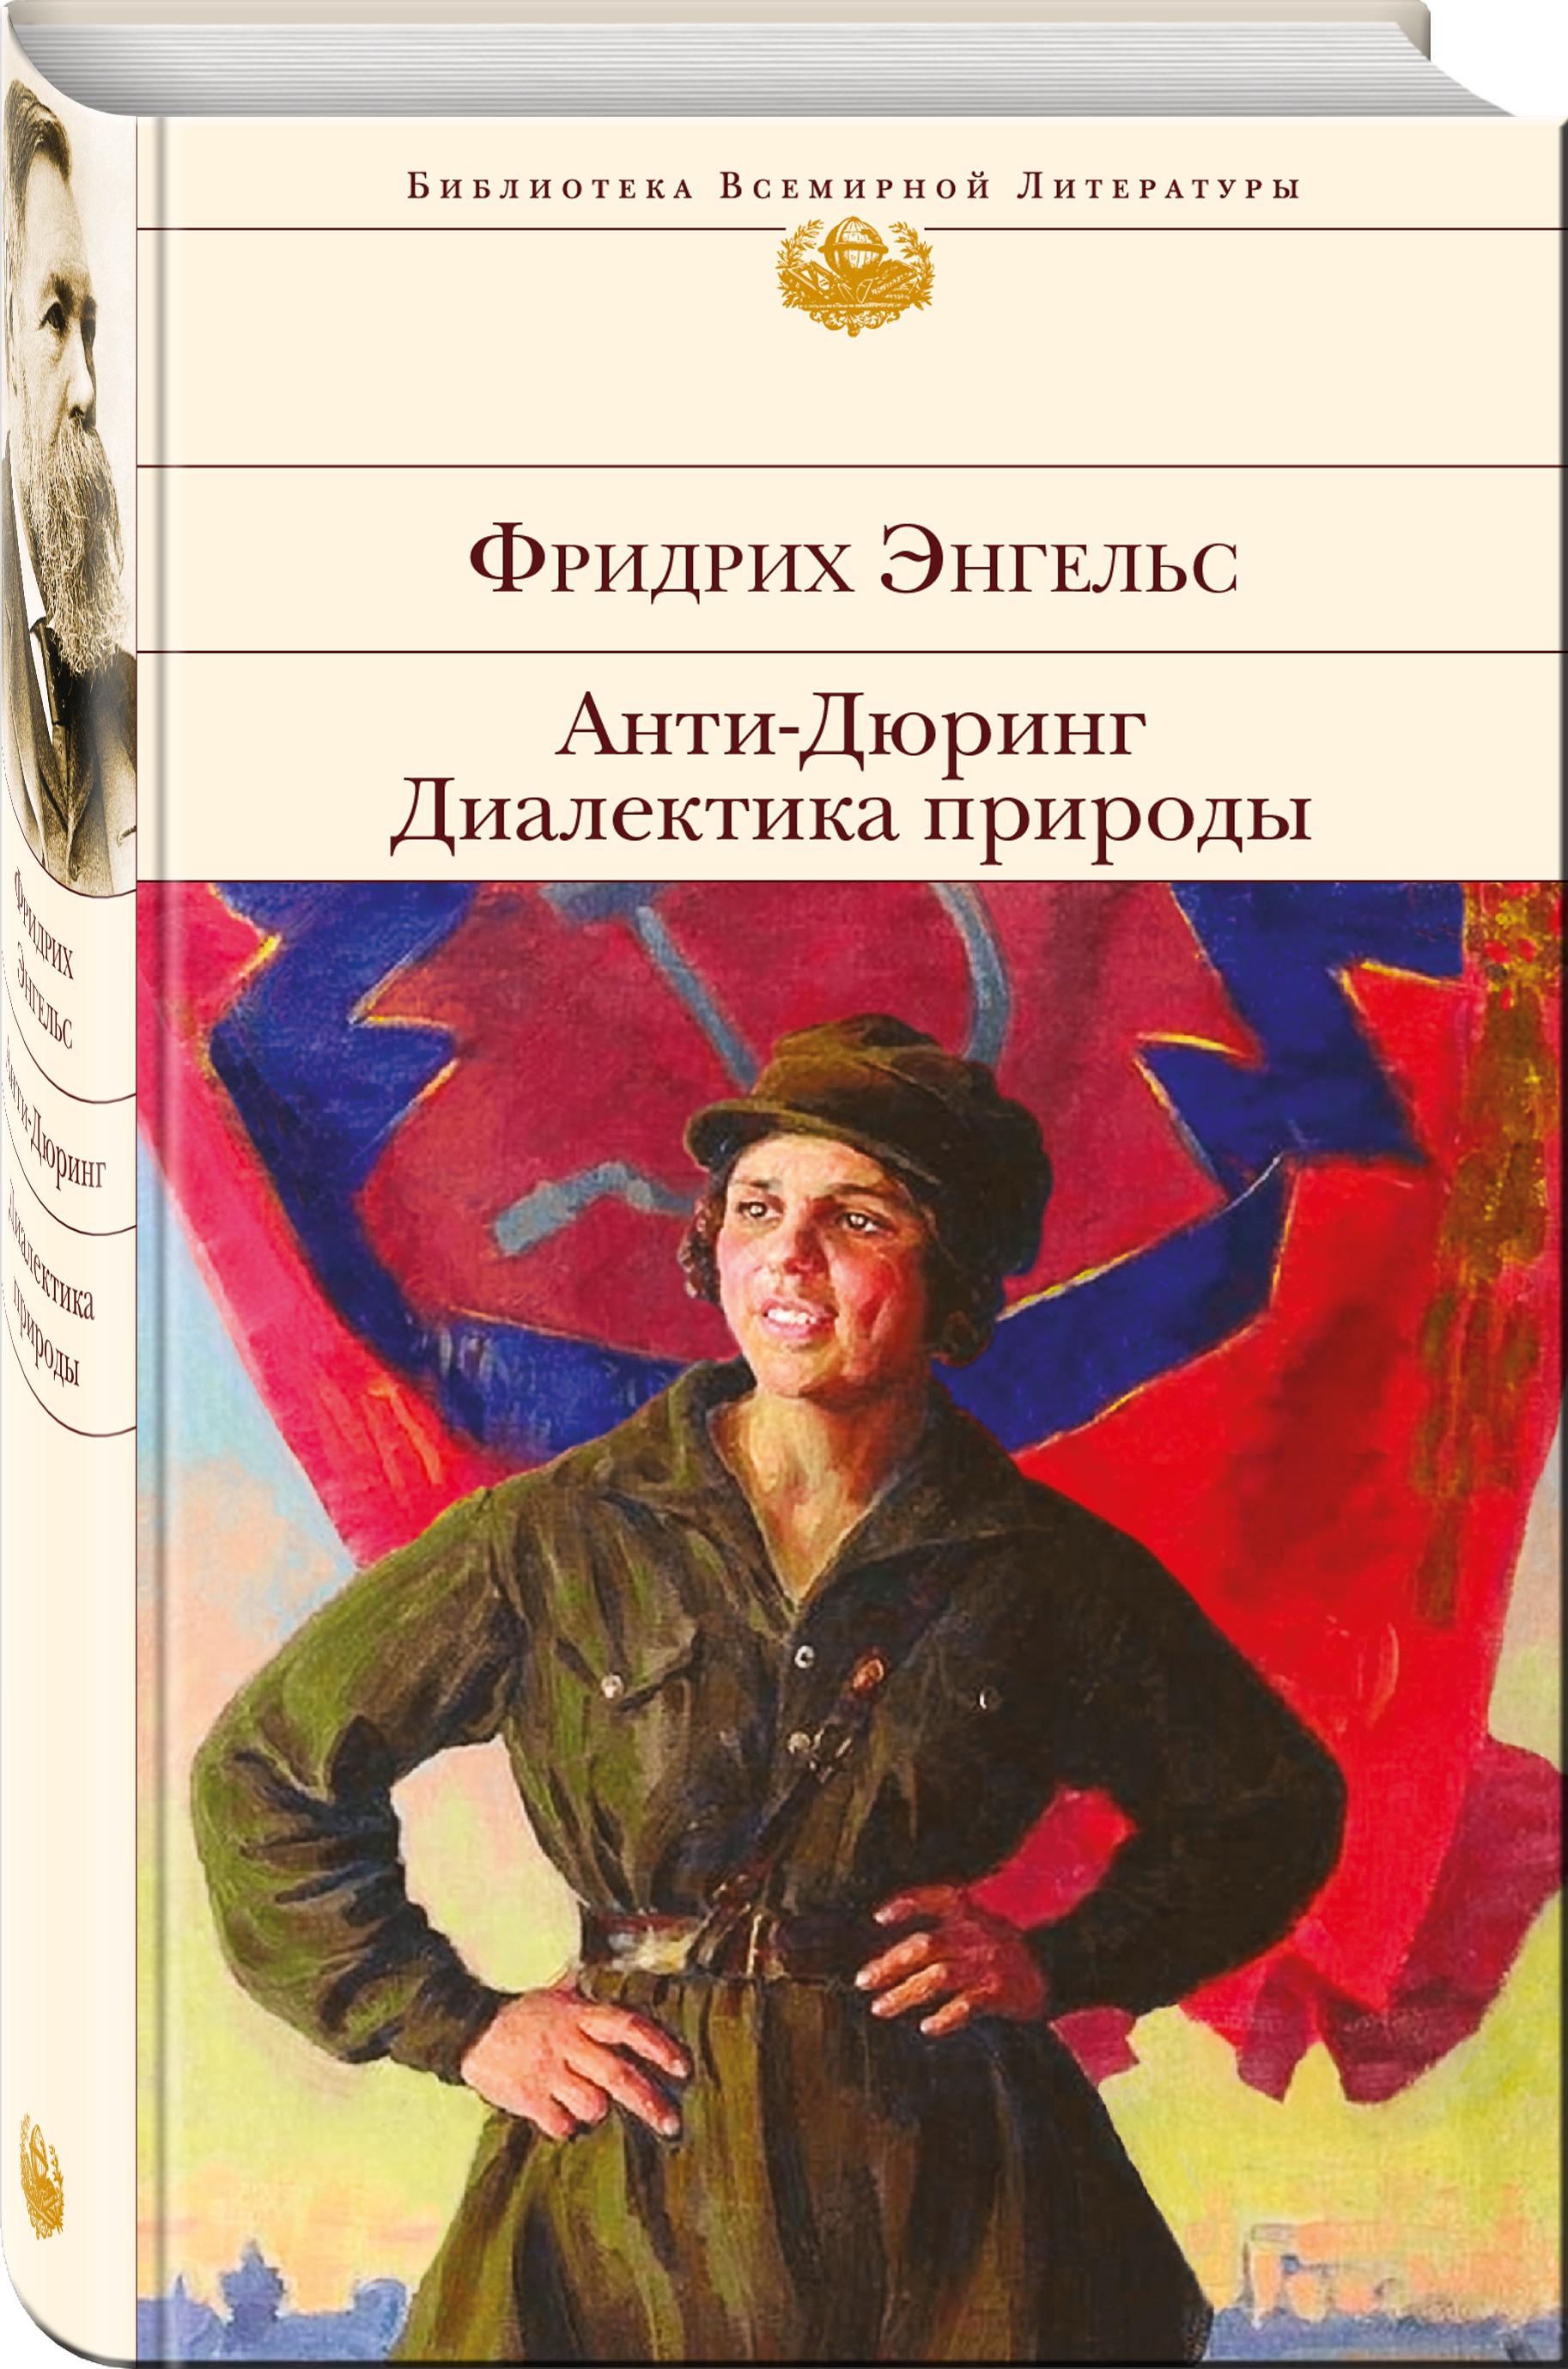 Энгельс Ф. Анти-Дюринг. Диалектика природы ISBN: 978-5-699-94737-9 е дюринг ценность жизни